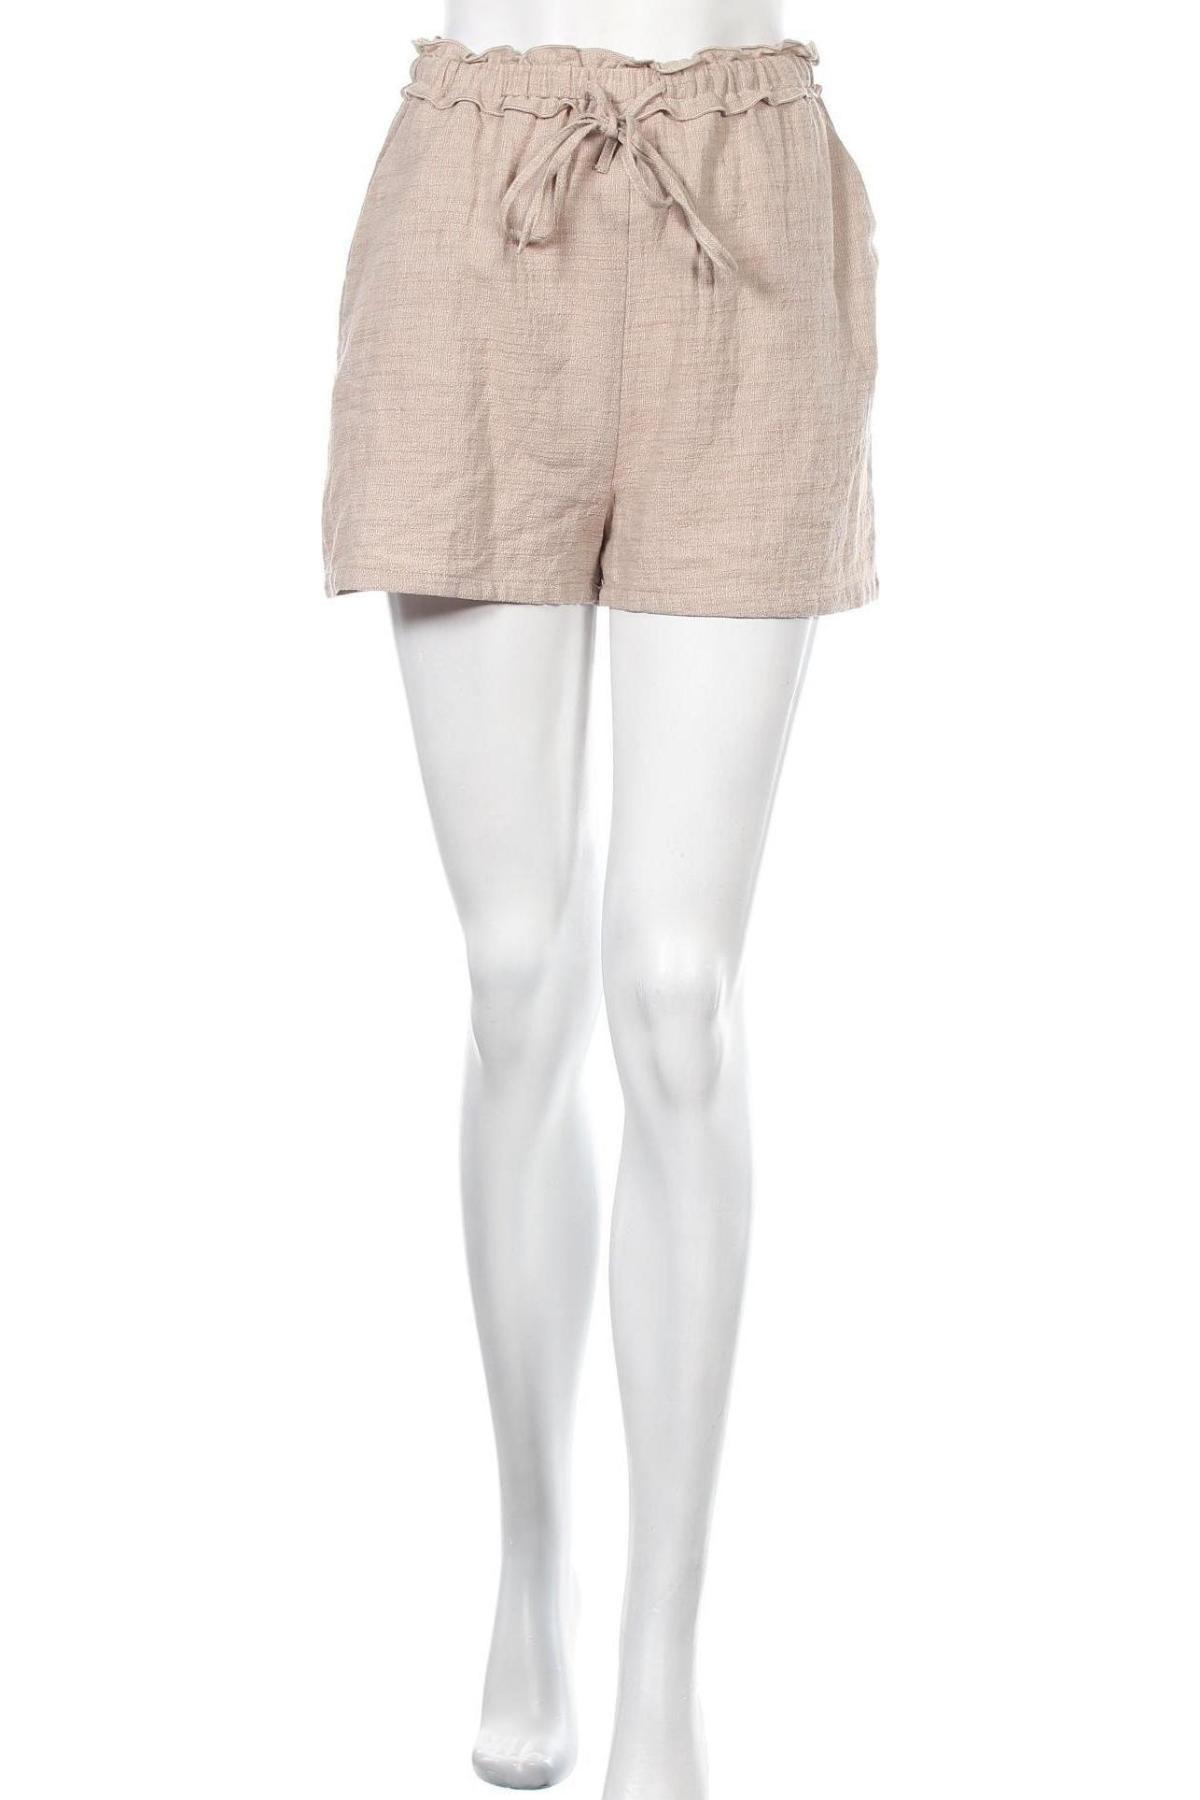 Γυναικείο κοντό παντελόνι Missguided, Μέγεθος S, Χρώμα  Μπέζ, Βαμβάκι, Τιμή 9,64€